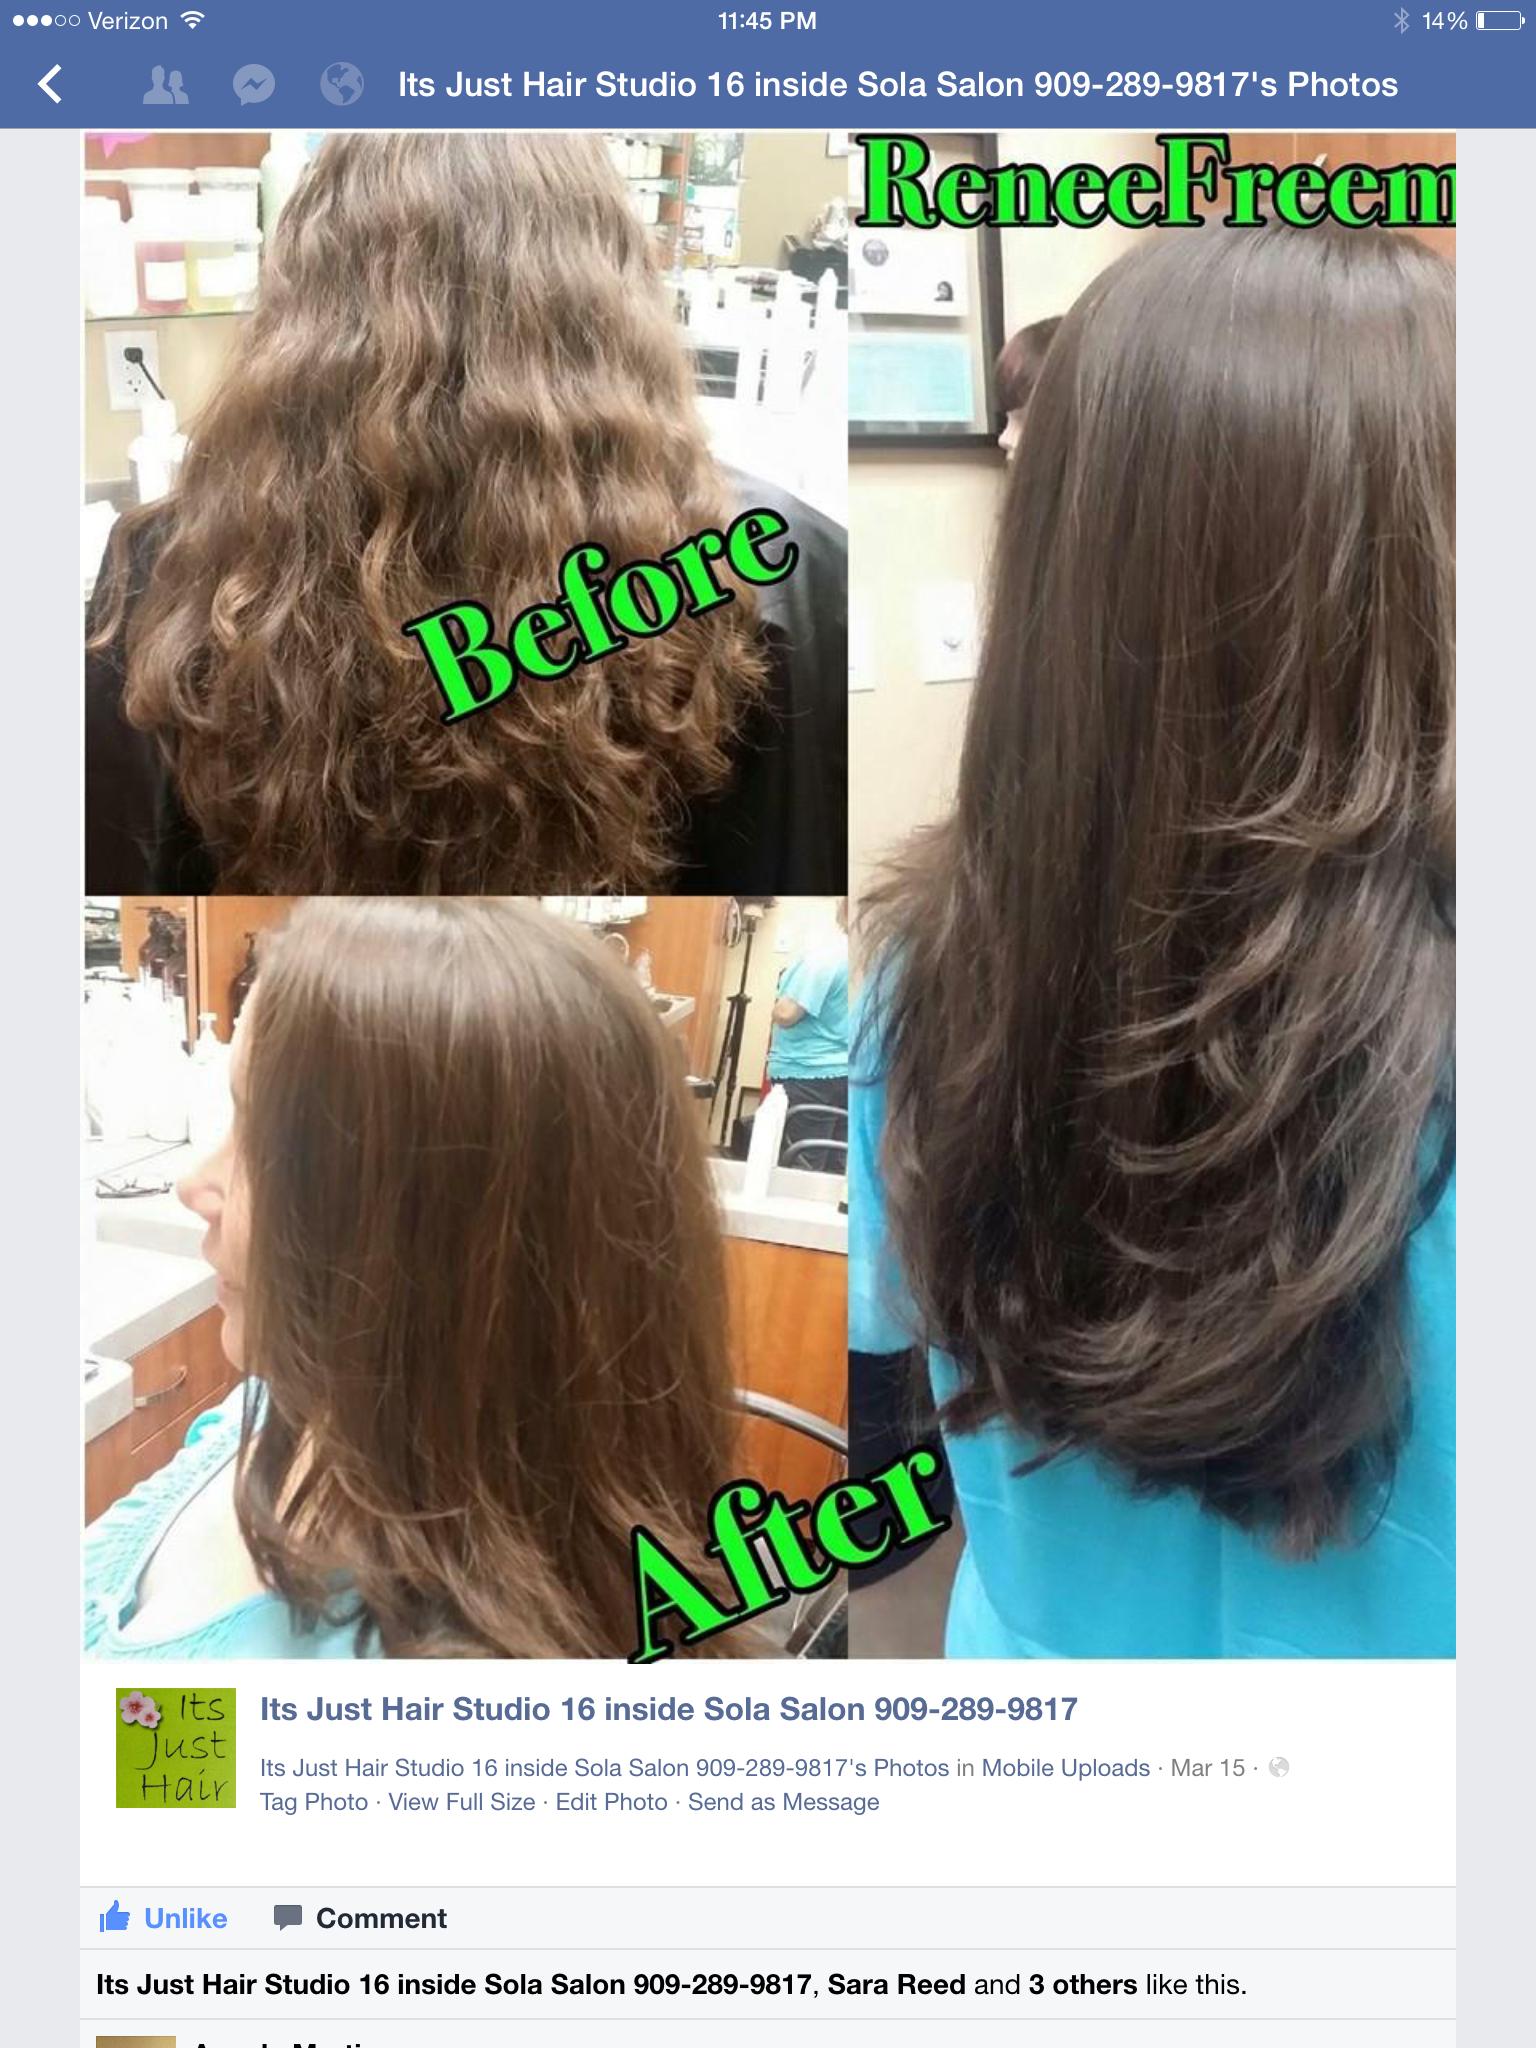 Pin by Renee Freeman on It's Just Hair   Hair studio, Hair, Hair ...